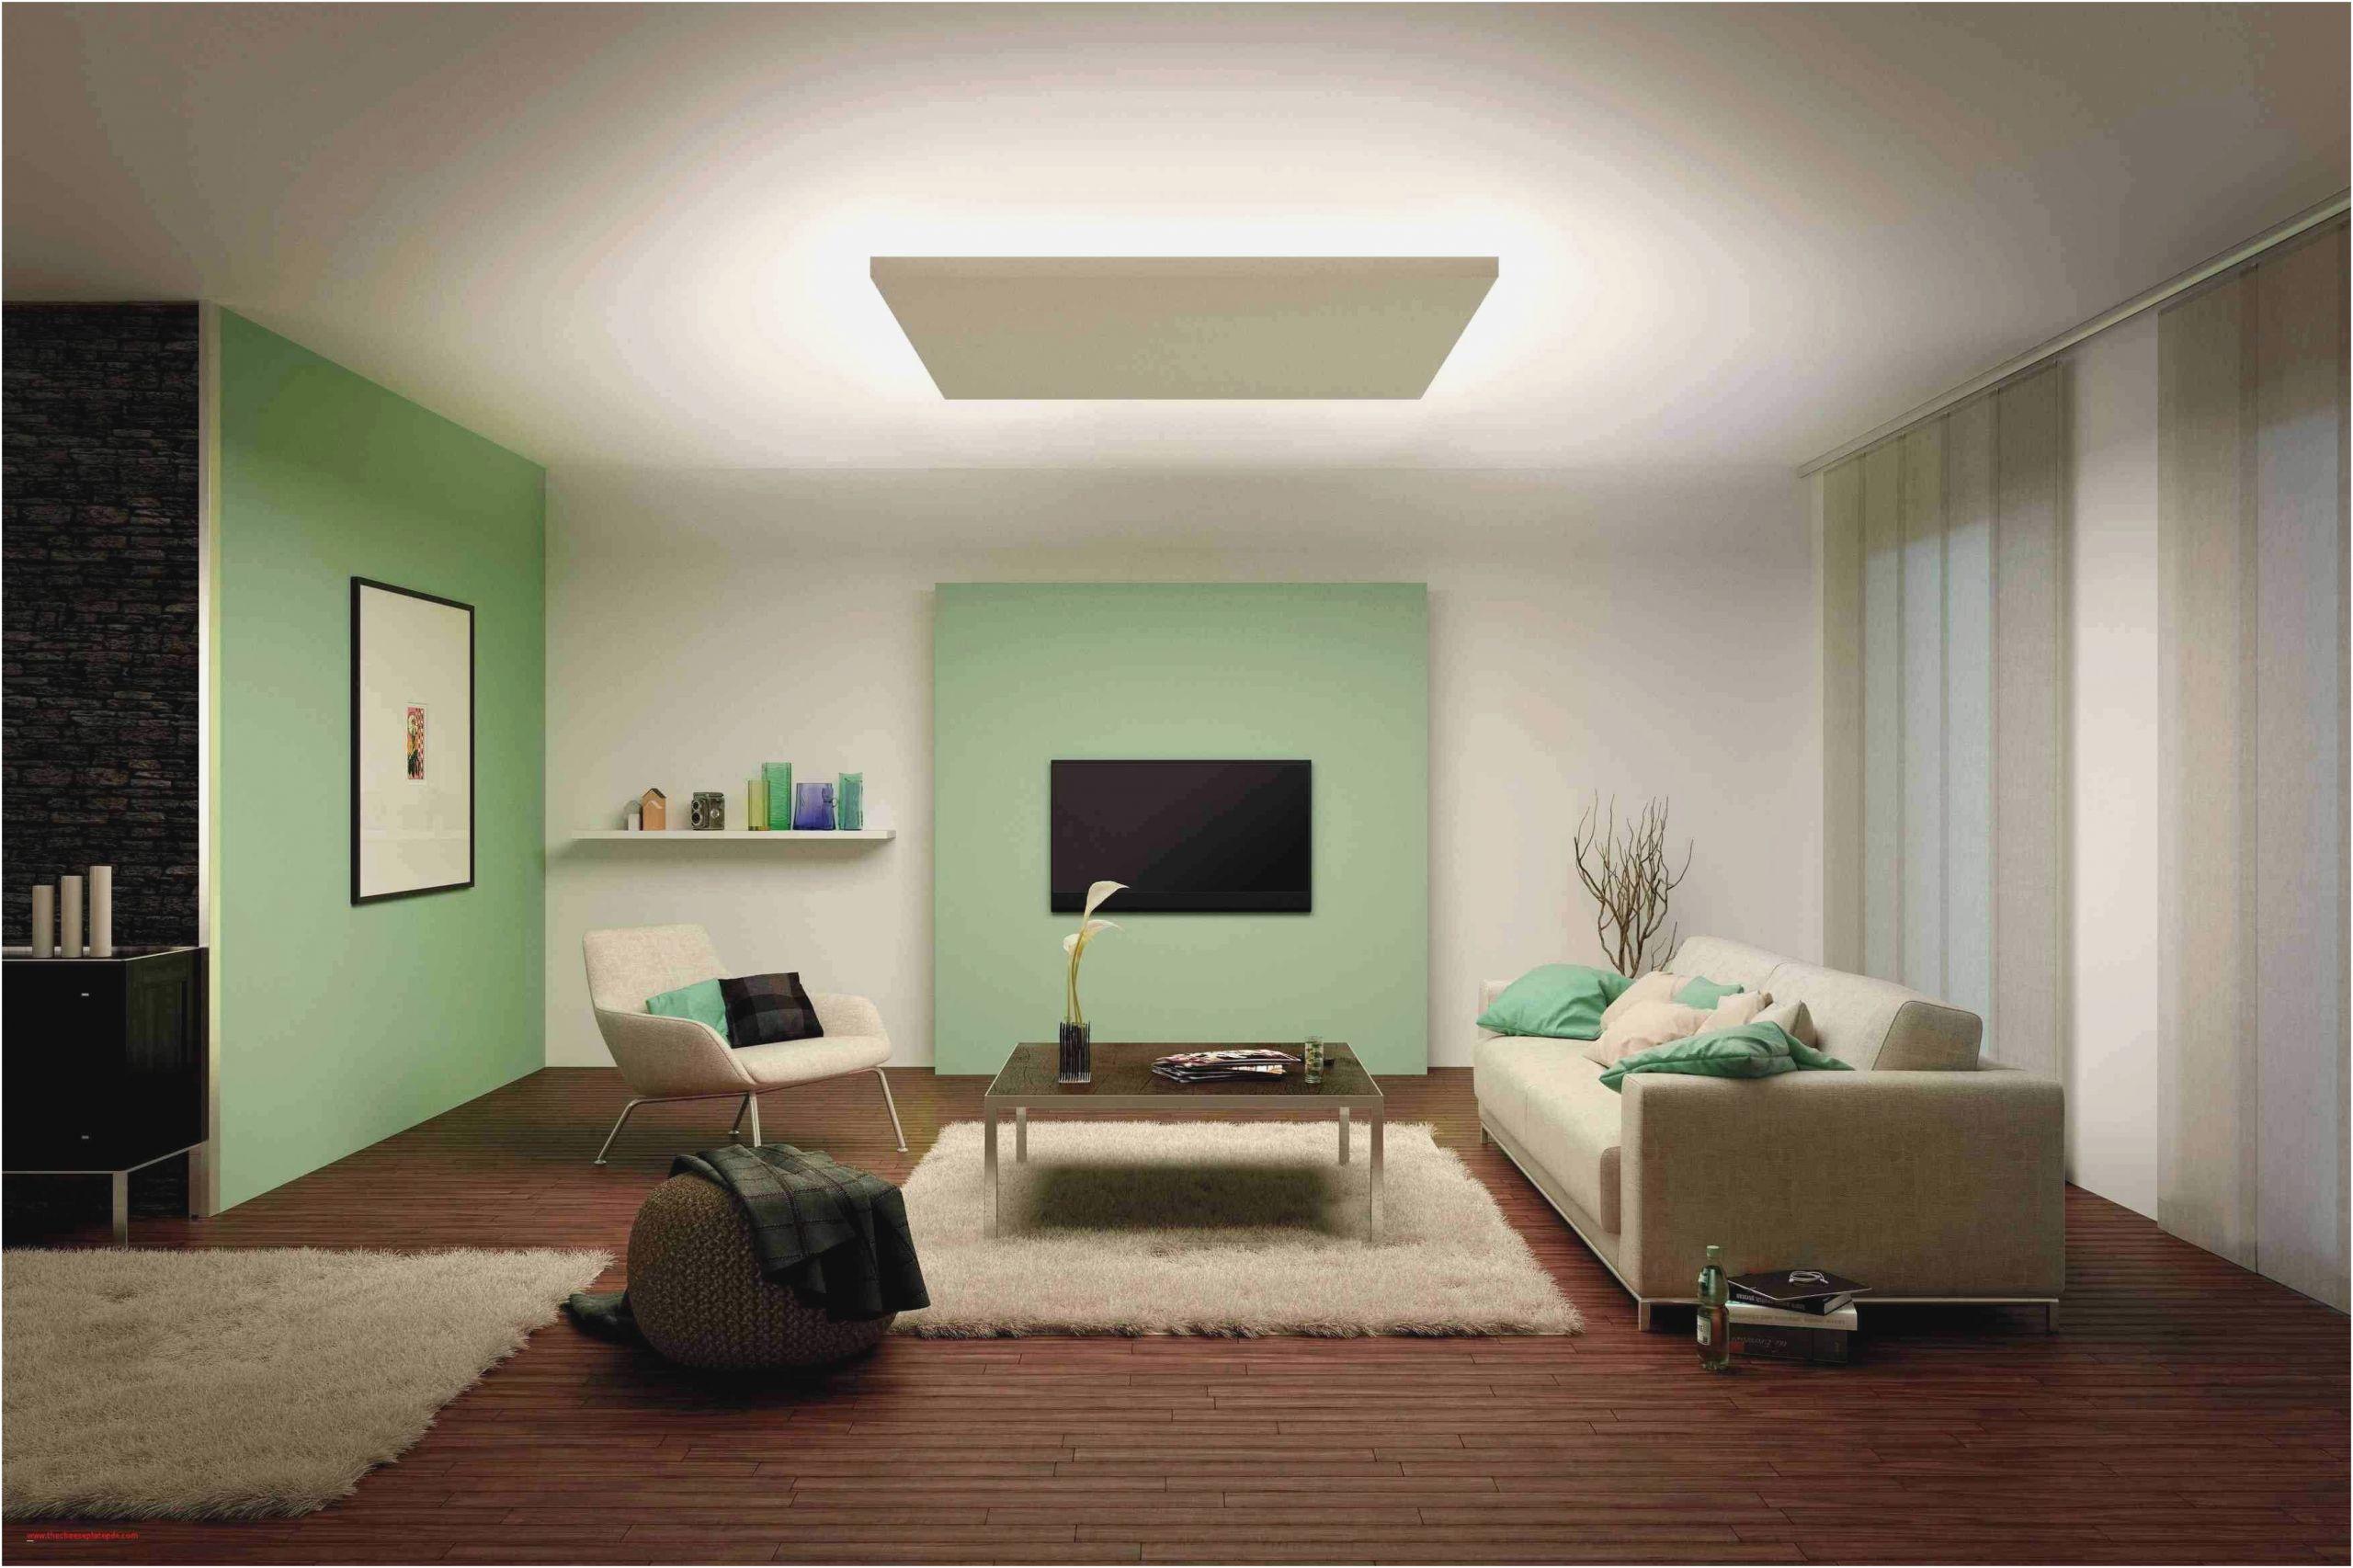 Badezimmer Lampe Wieviel Lumen Wohnzimmer Beleuchtung Wieviel Lumen Wohnzimmer